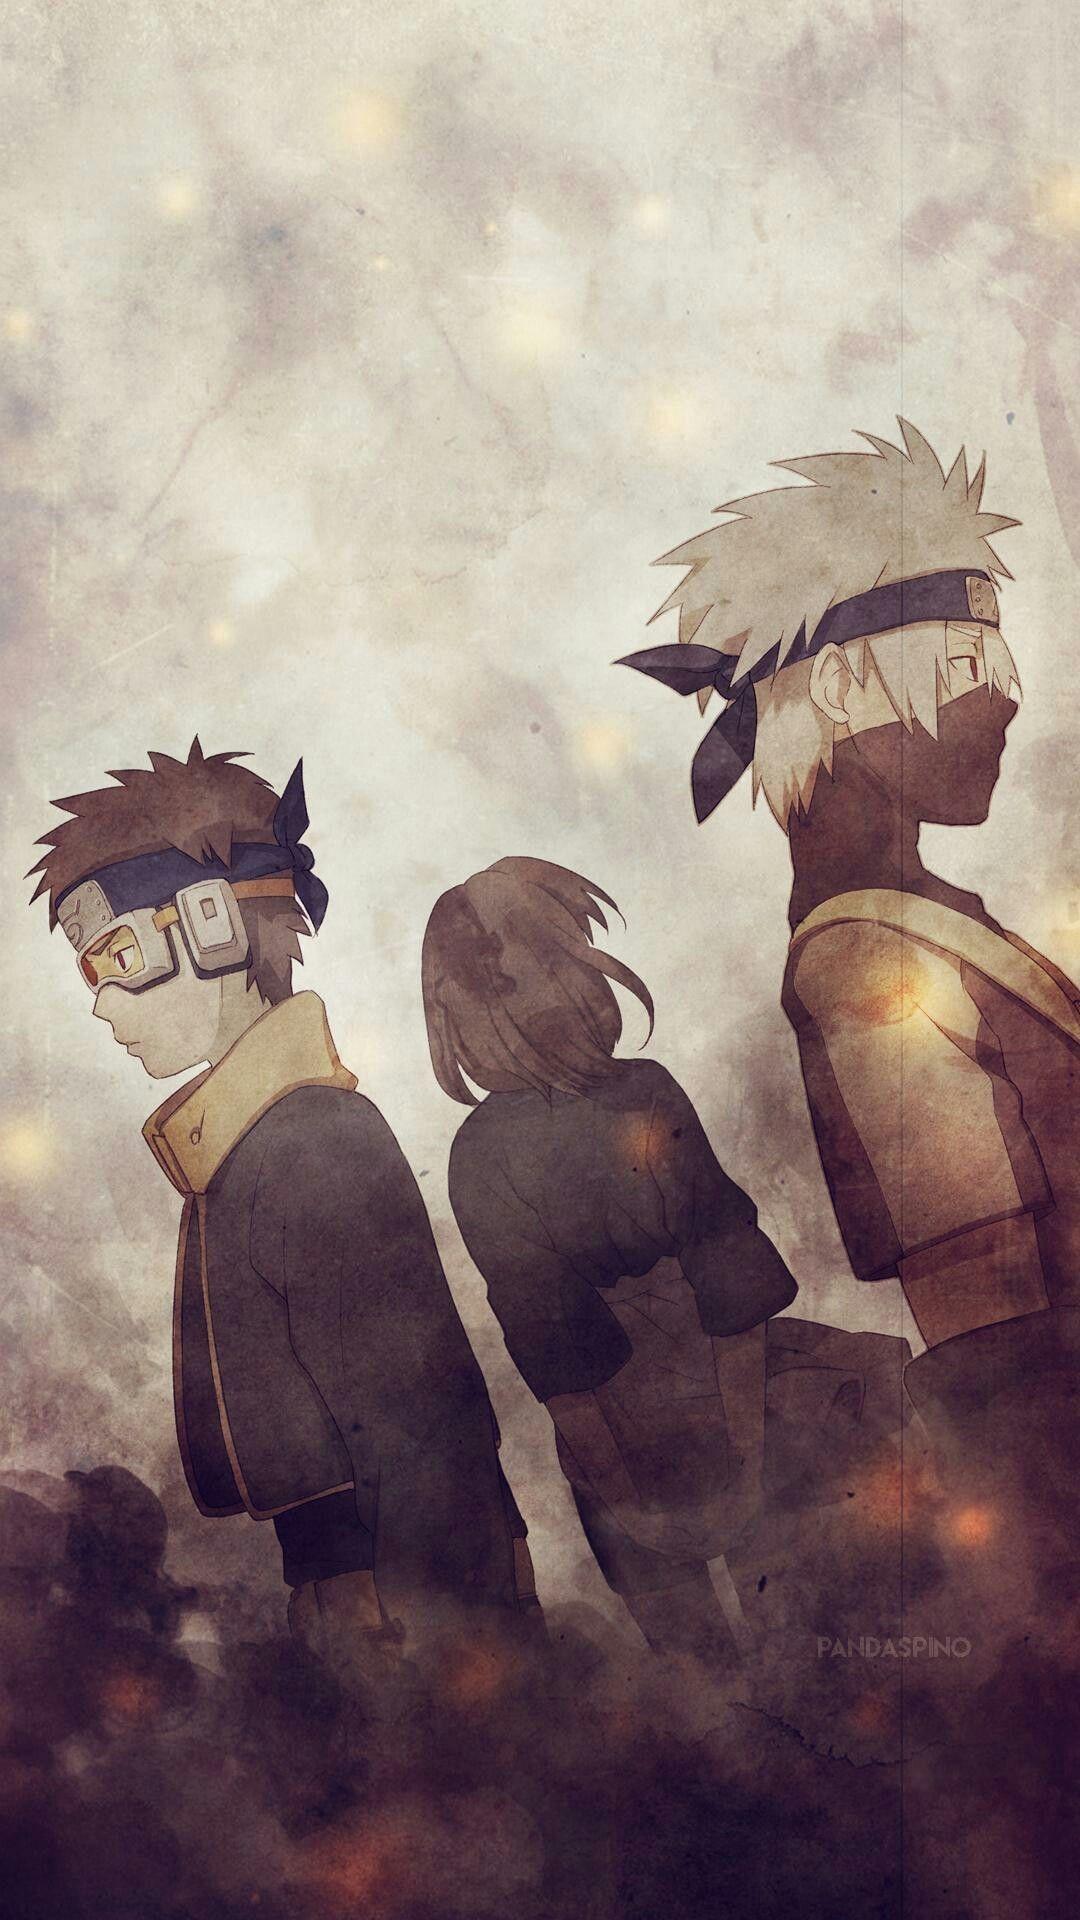 Fond D Ecran Naruto Hd Et 4k A Telecharger Gratuit In 2020 Wallpaper Naruto Shippuden Naruto Wallpaper Naruto Wallpaper Iphone